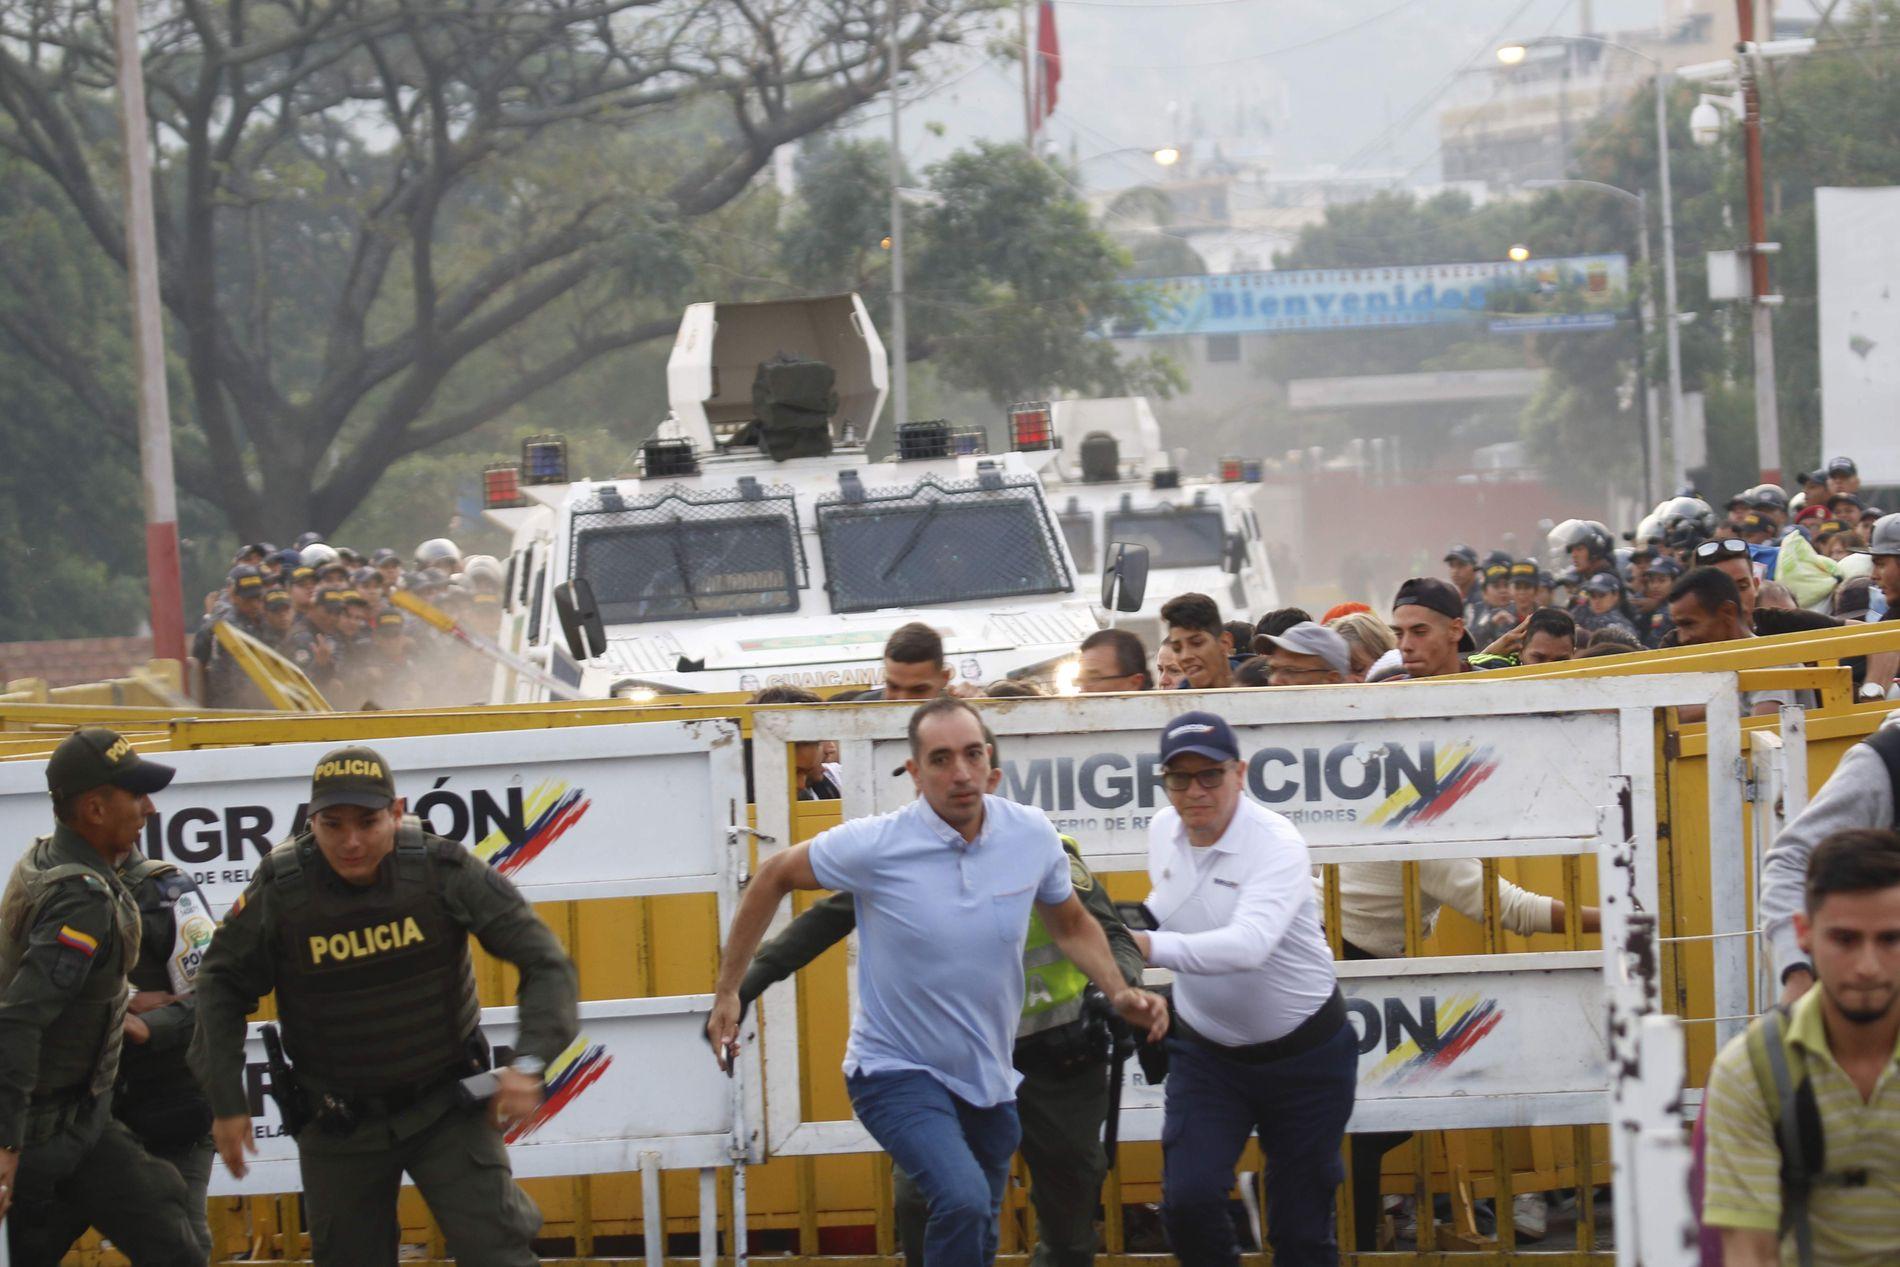 SKIFTET SIDE: Desperate mennesker løp bort idet fire soldater i to armerte biler satte opp farten og styrte mot grensesperringene mellom Venezuela og Colombia. Soldatene skal deretter ha gått over til opposisjonens side. Foto: AFP'